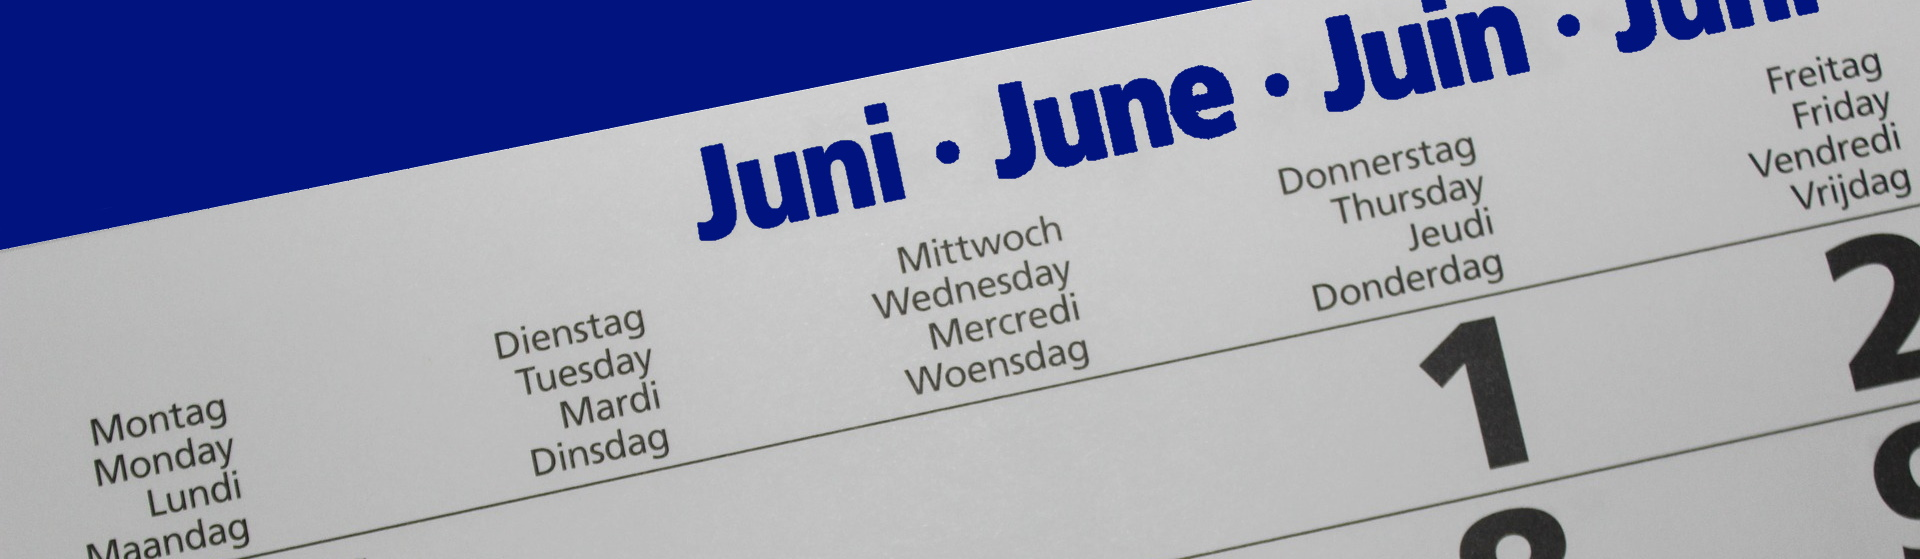 June News